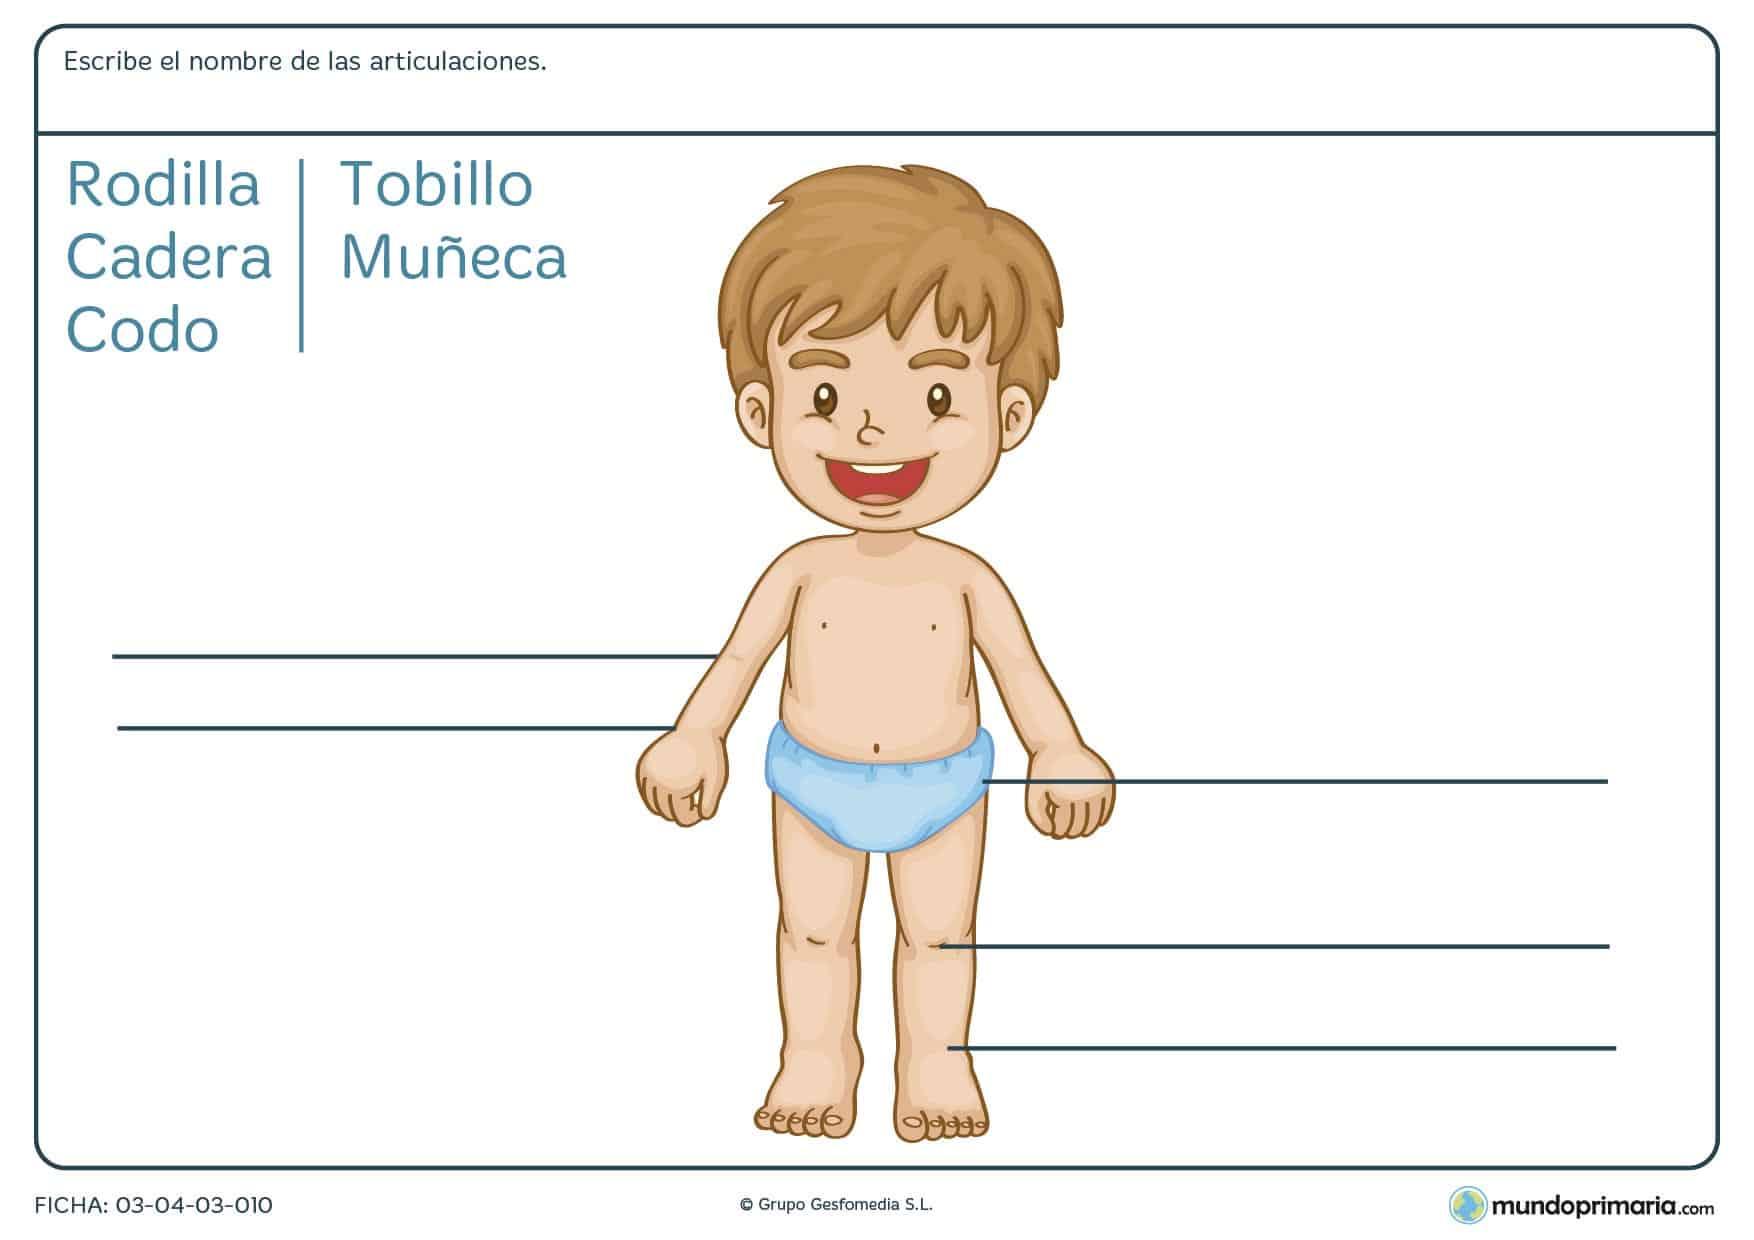 Ficha de las articulaciones donde los niños de primaria aprenden dónde están las partes del cuerpo humano y el nombre de las articulaciones